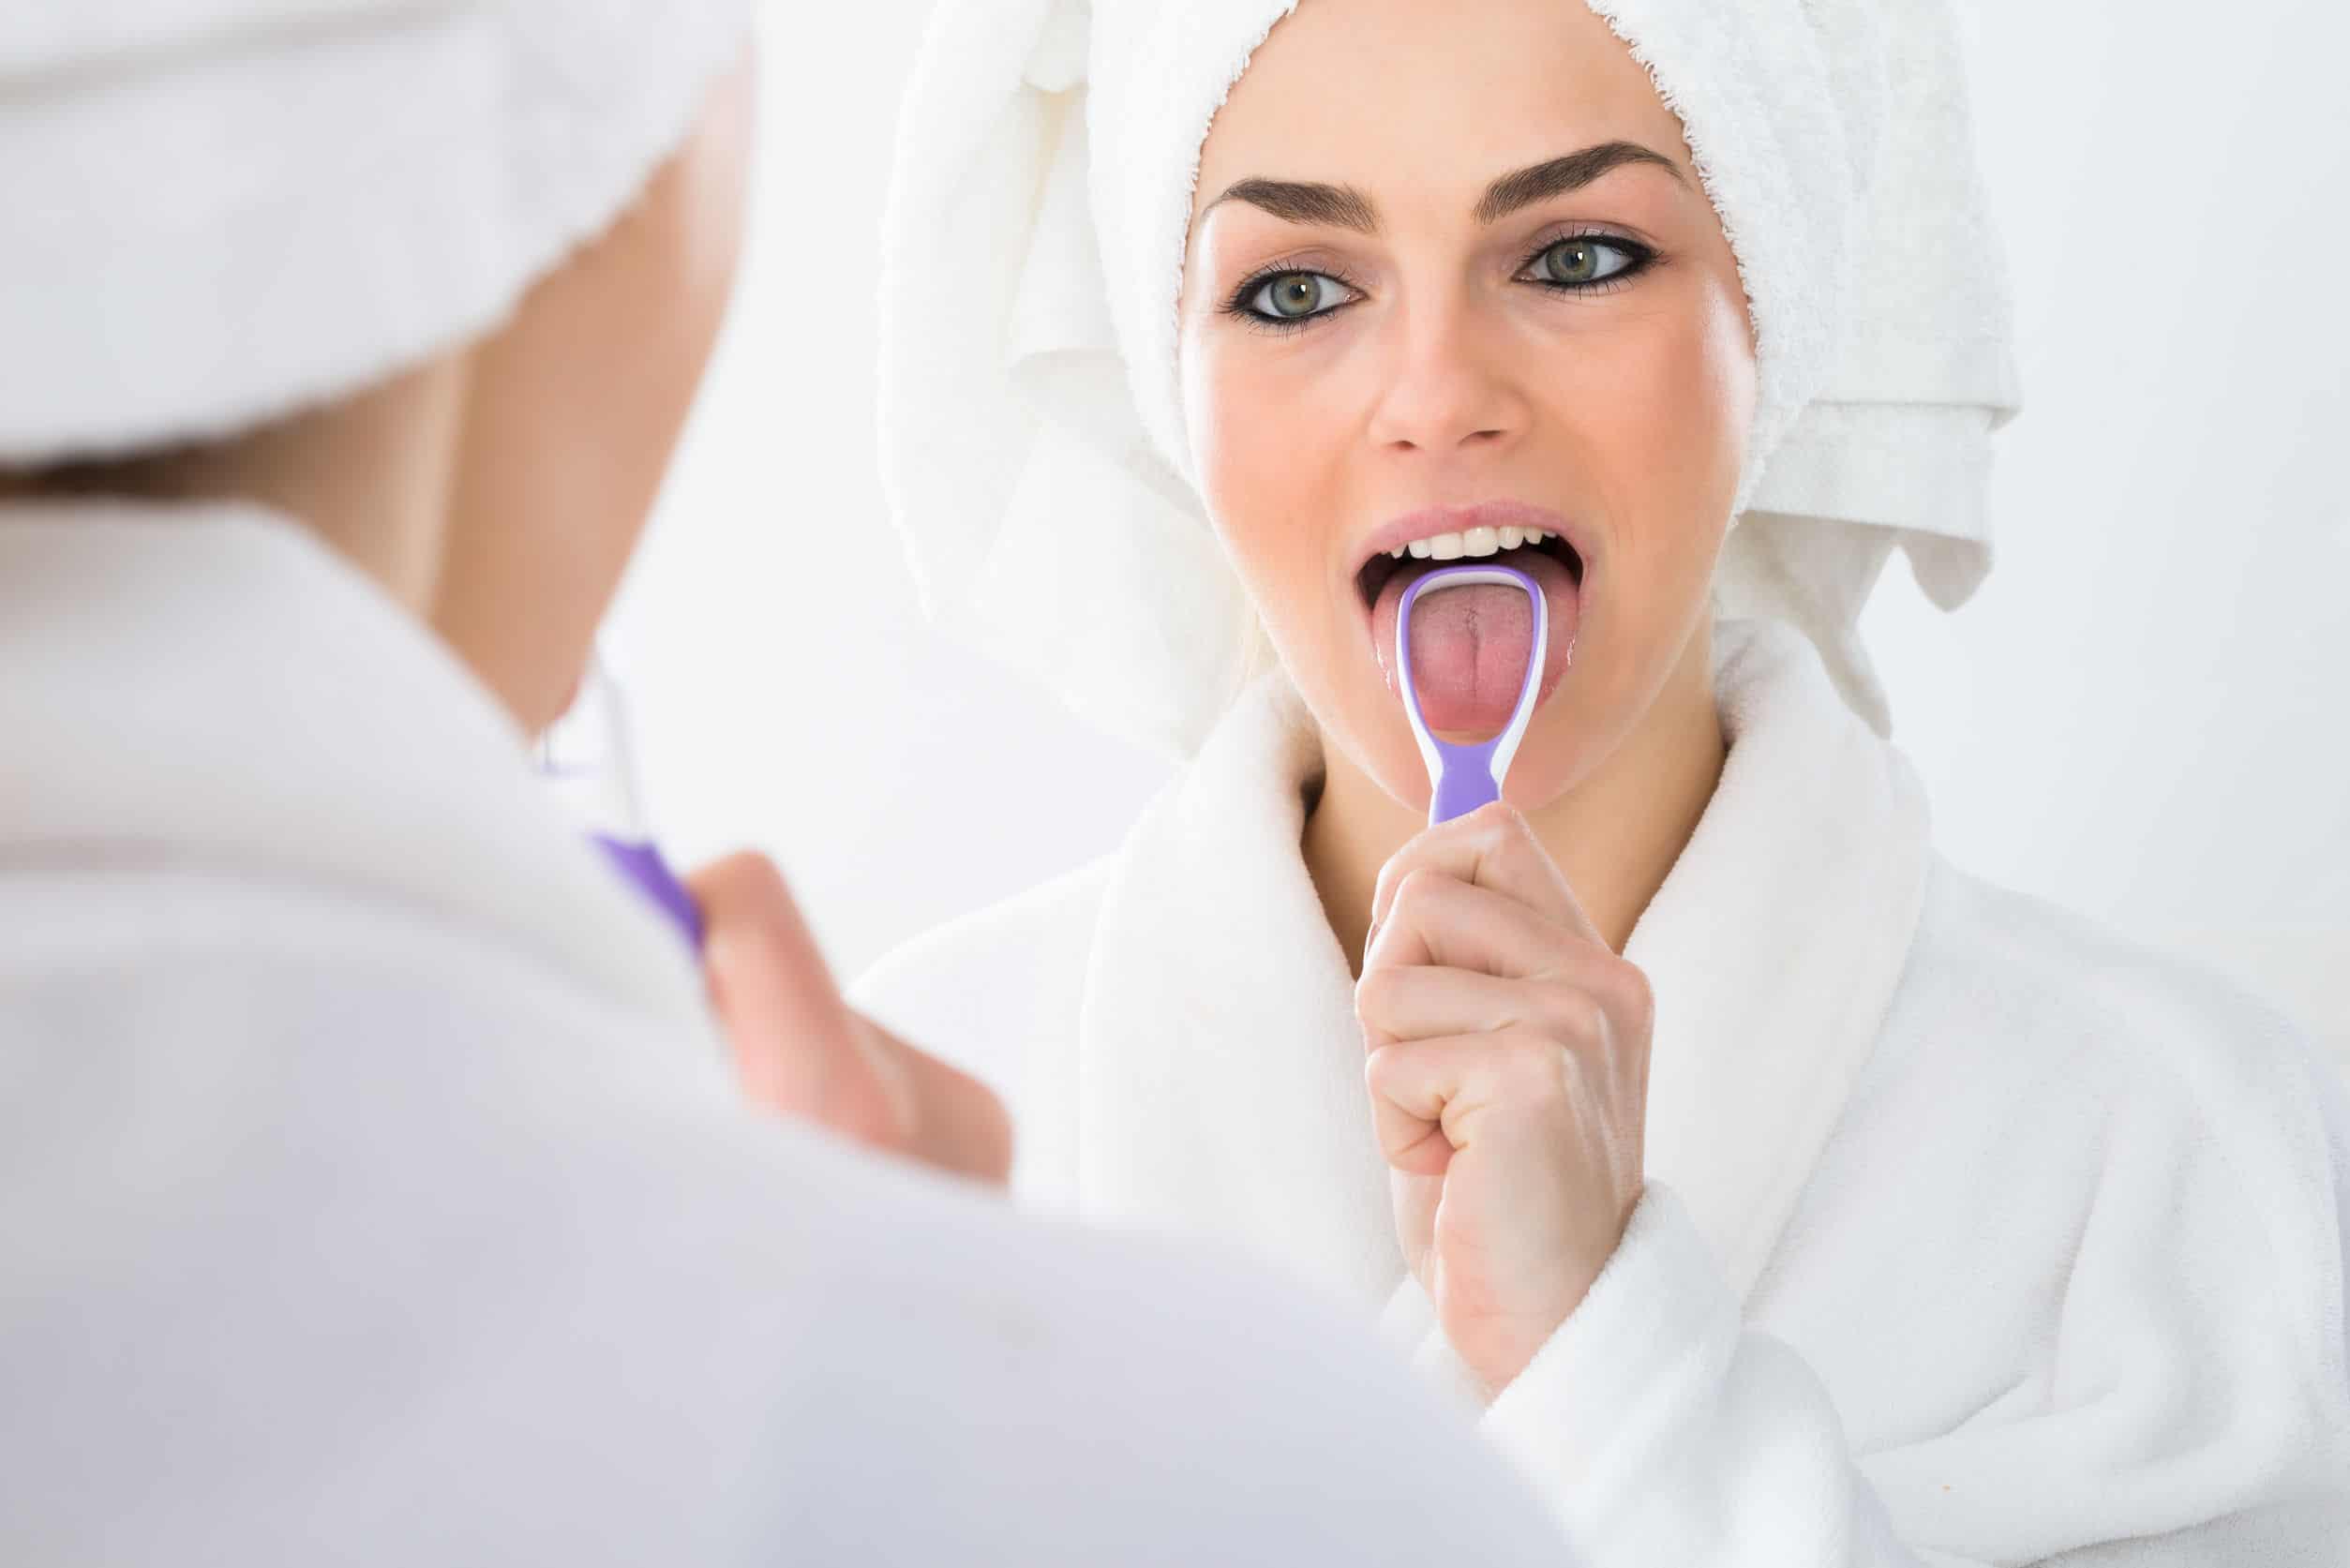 Zungenschaber: Test & Empfehlungen (01/21)